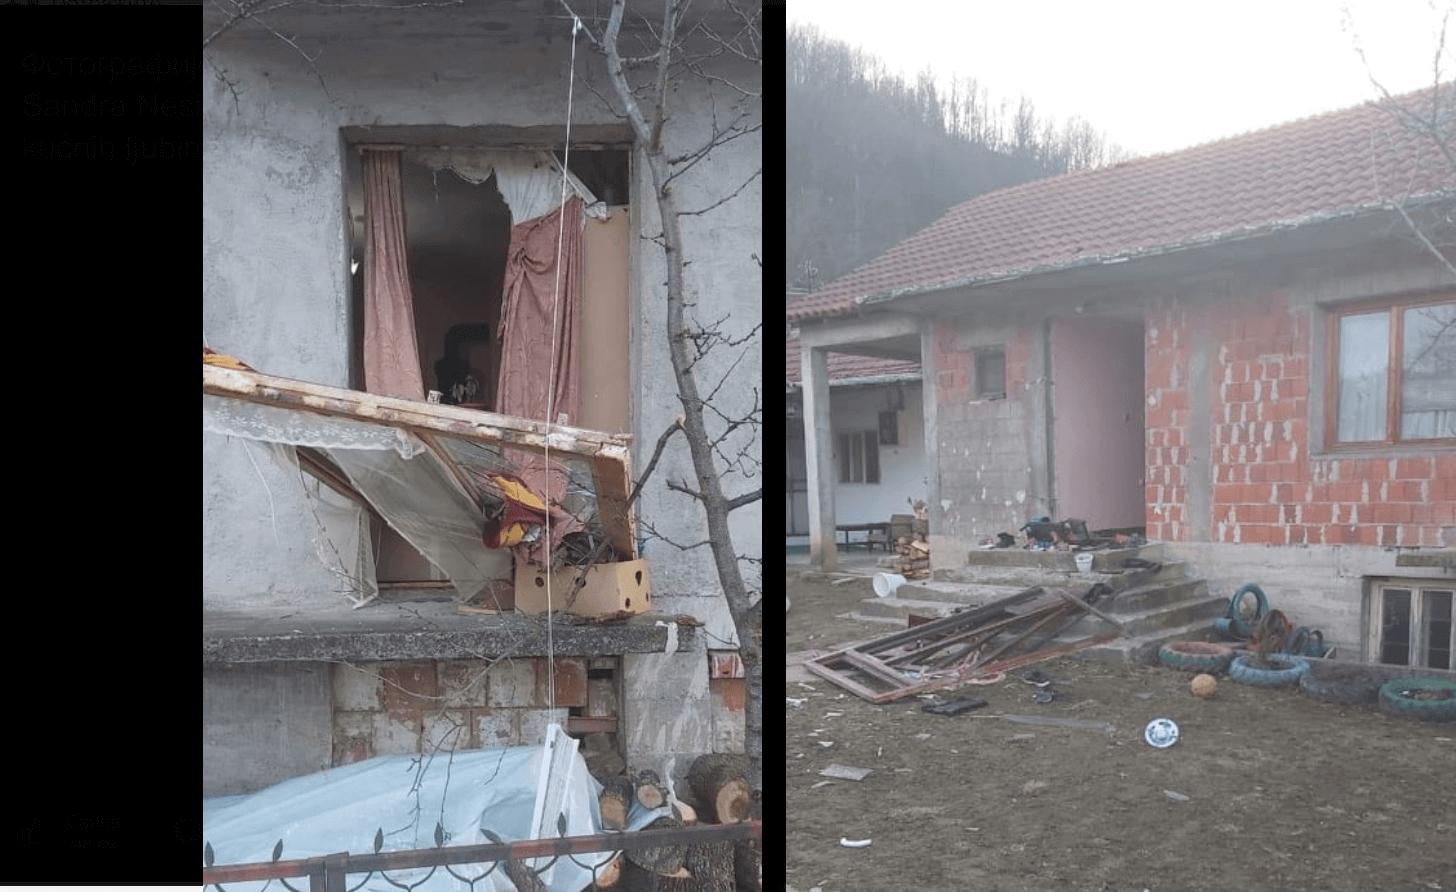 U eksploziji plinske boce u porodičnoj kući u Medveđi povređeno pet osoba, među kojima je i četvorogodišnje dete